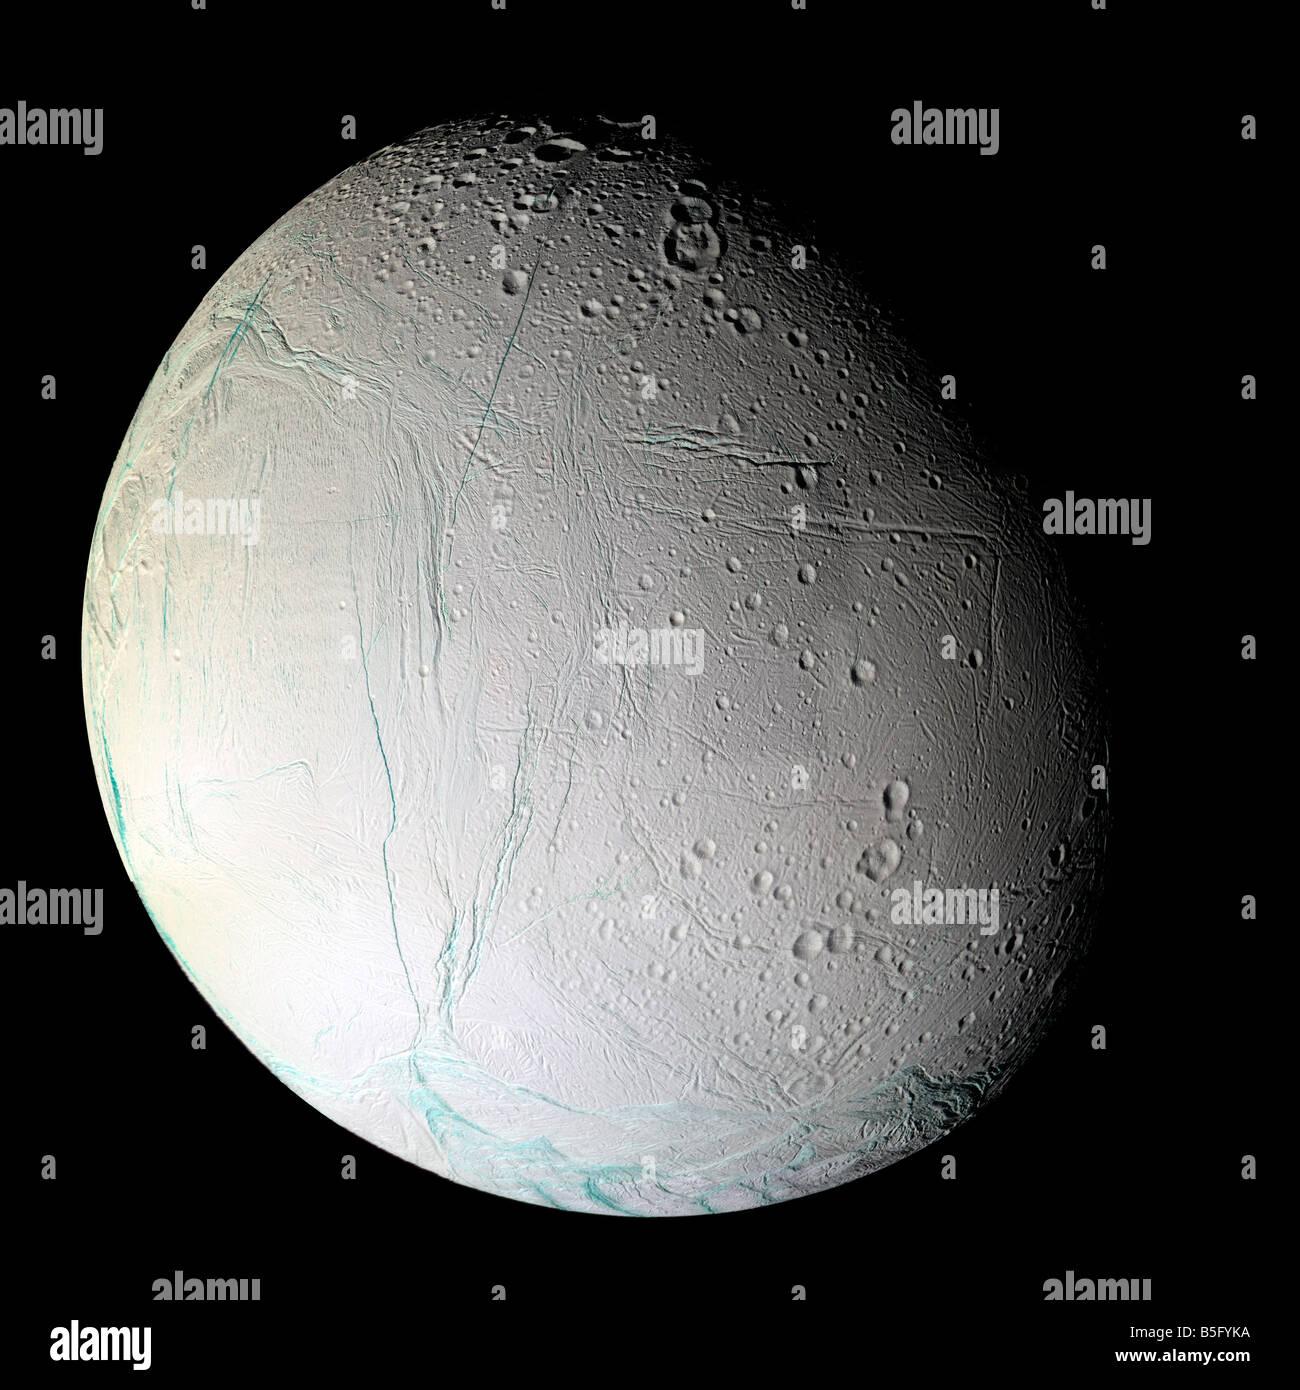 Saturn's moon Enceladus. - Stock Image